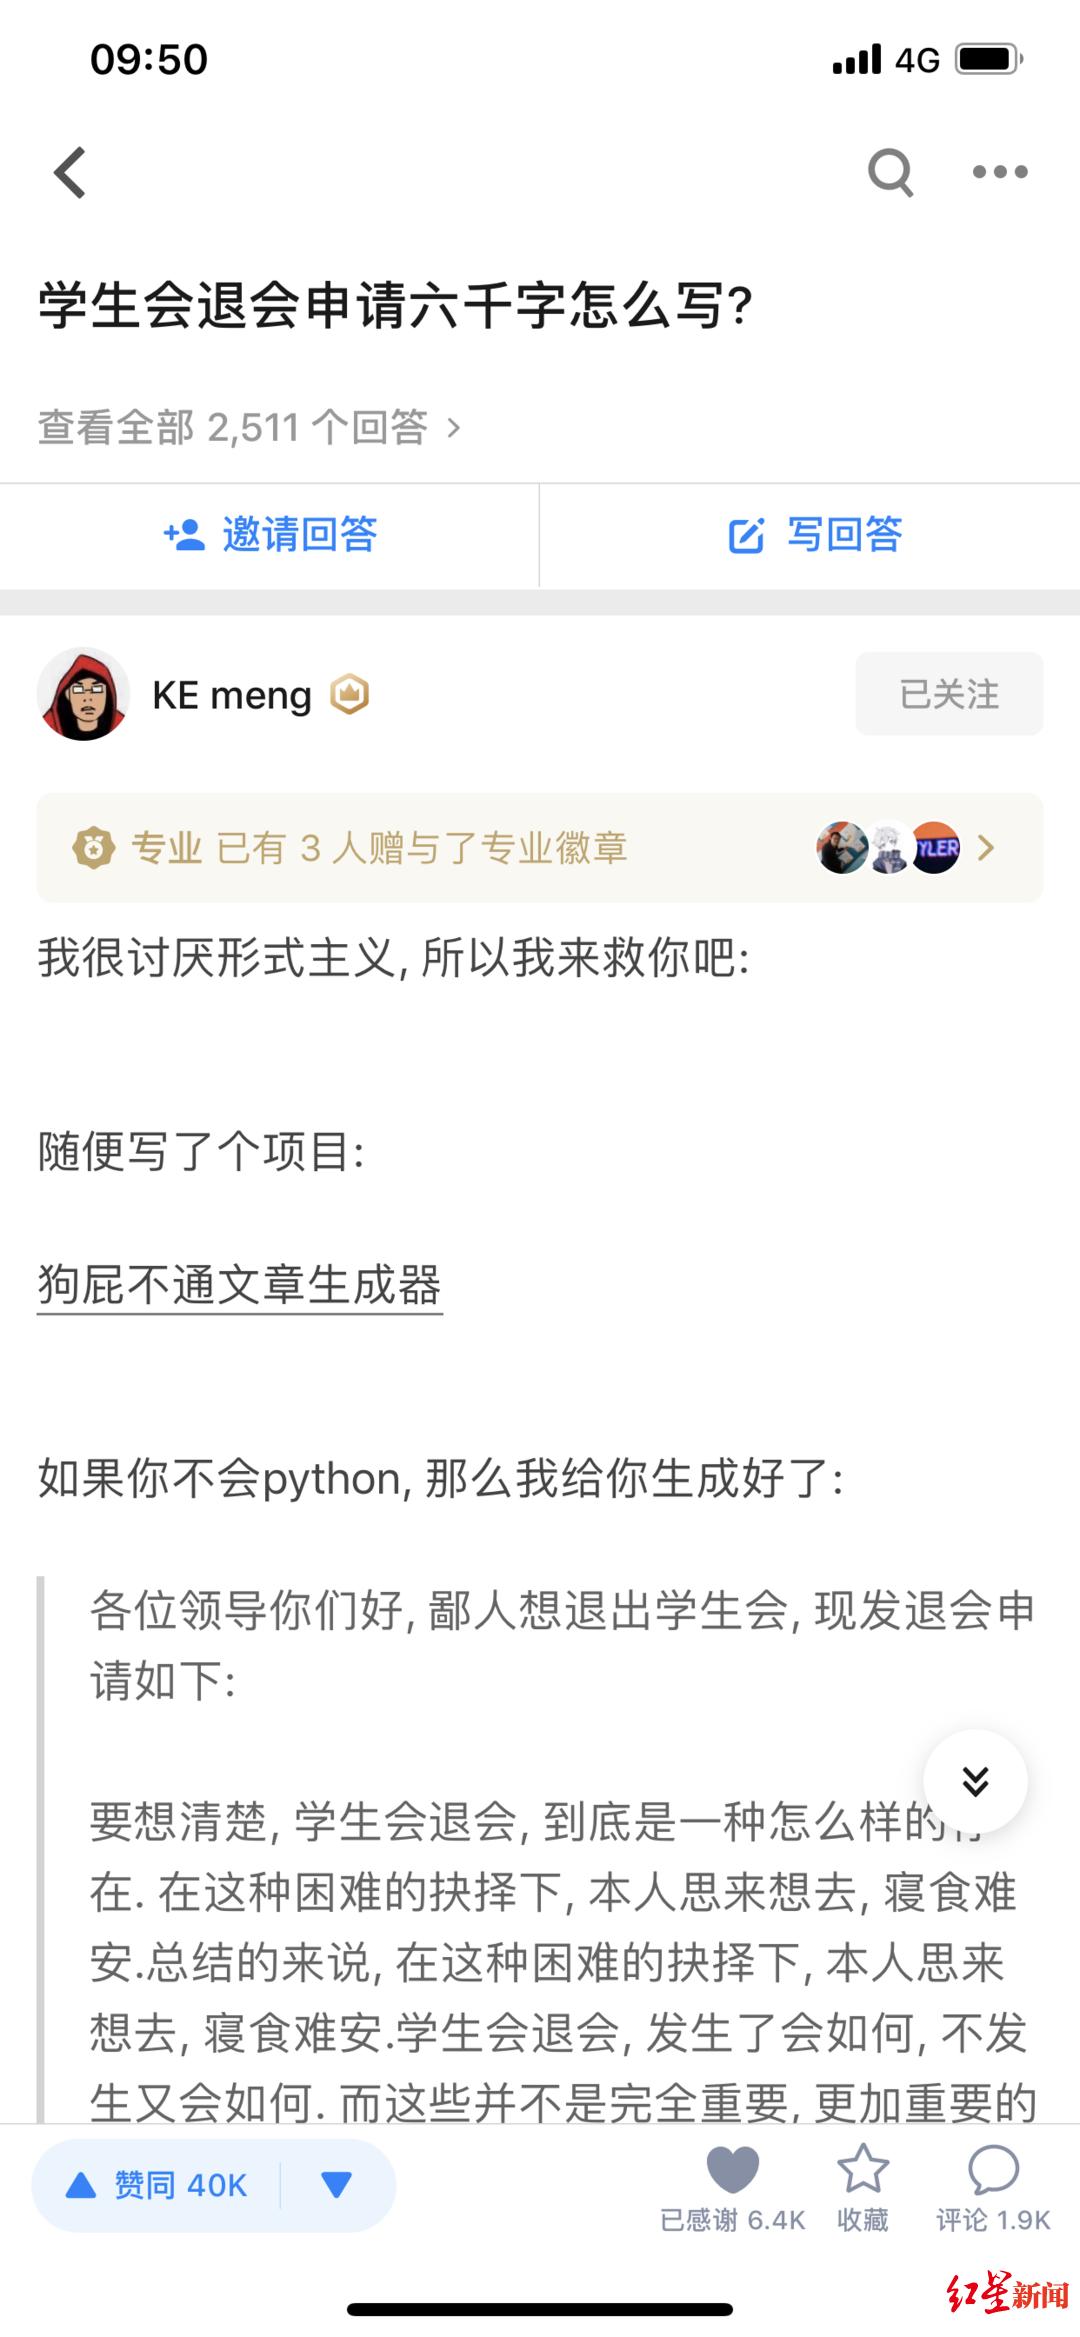 """007娱乐注册 中国网民规模超8亿 但近6亿""""不上网人群""""也需关注"""